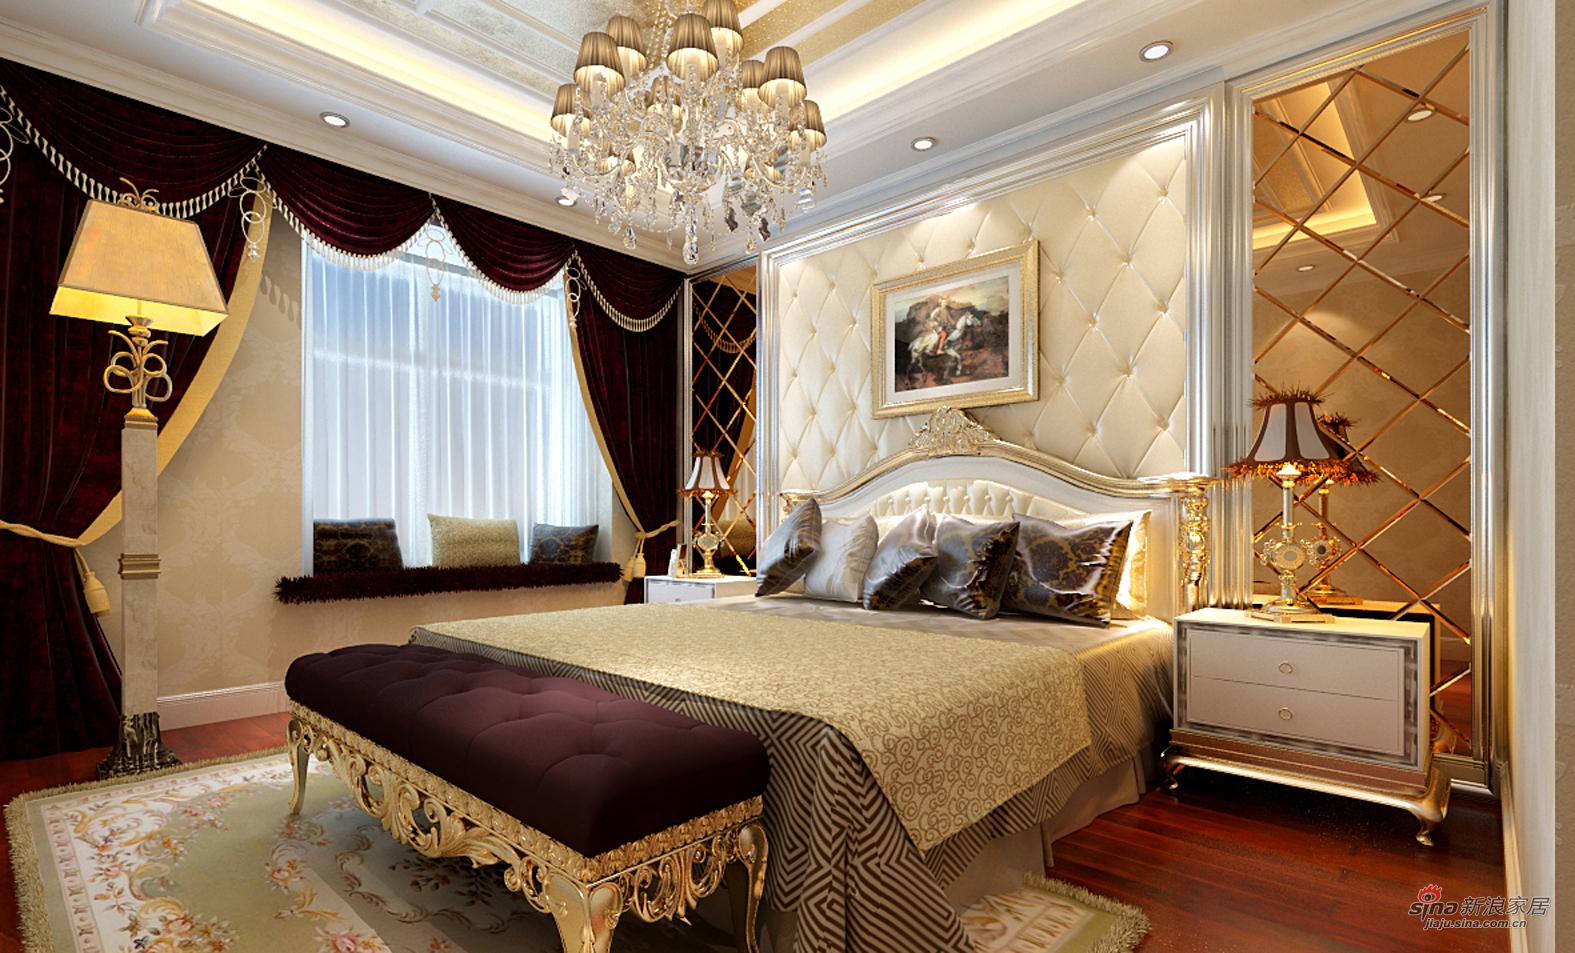 欧式 三居 卧室图片来自用户2757317061在熟女魅力之【欧式情节】33的分享